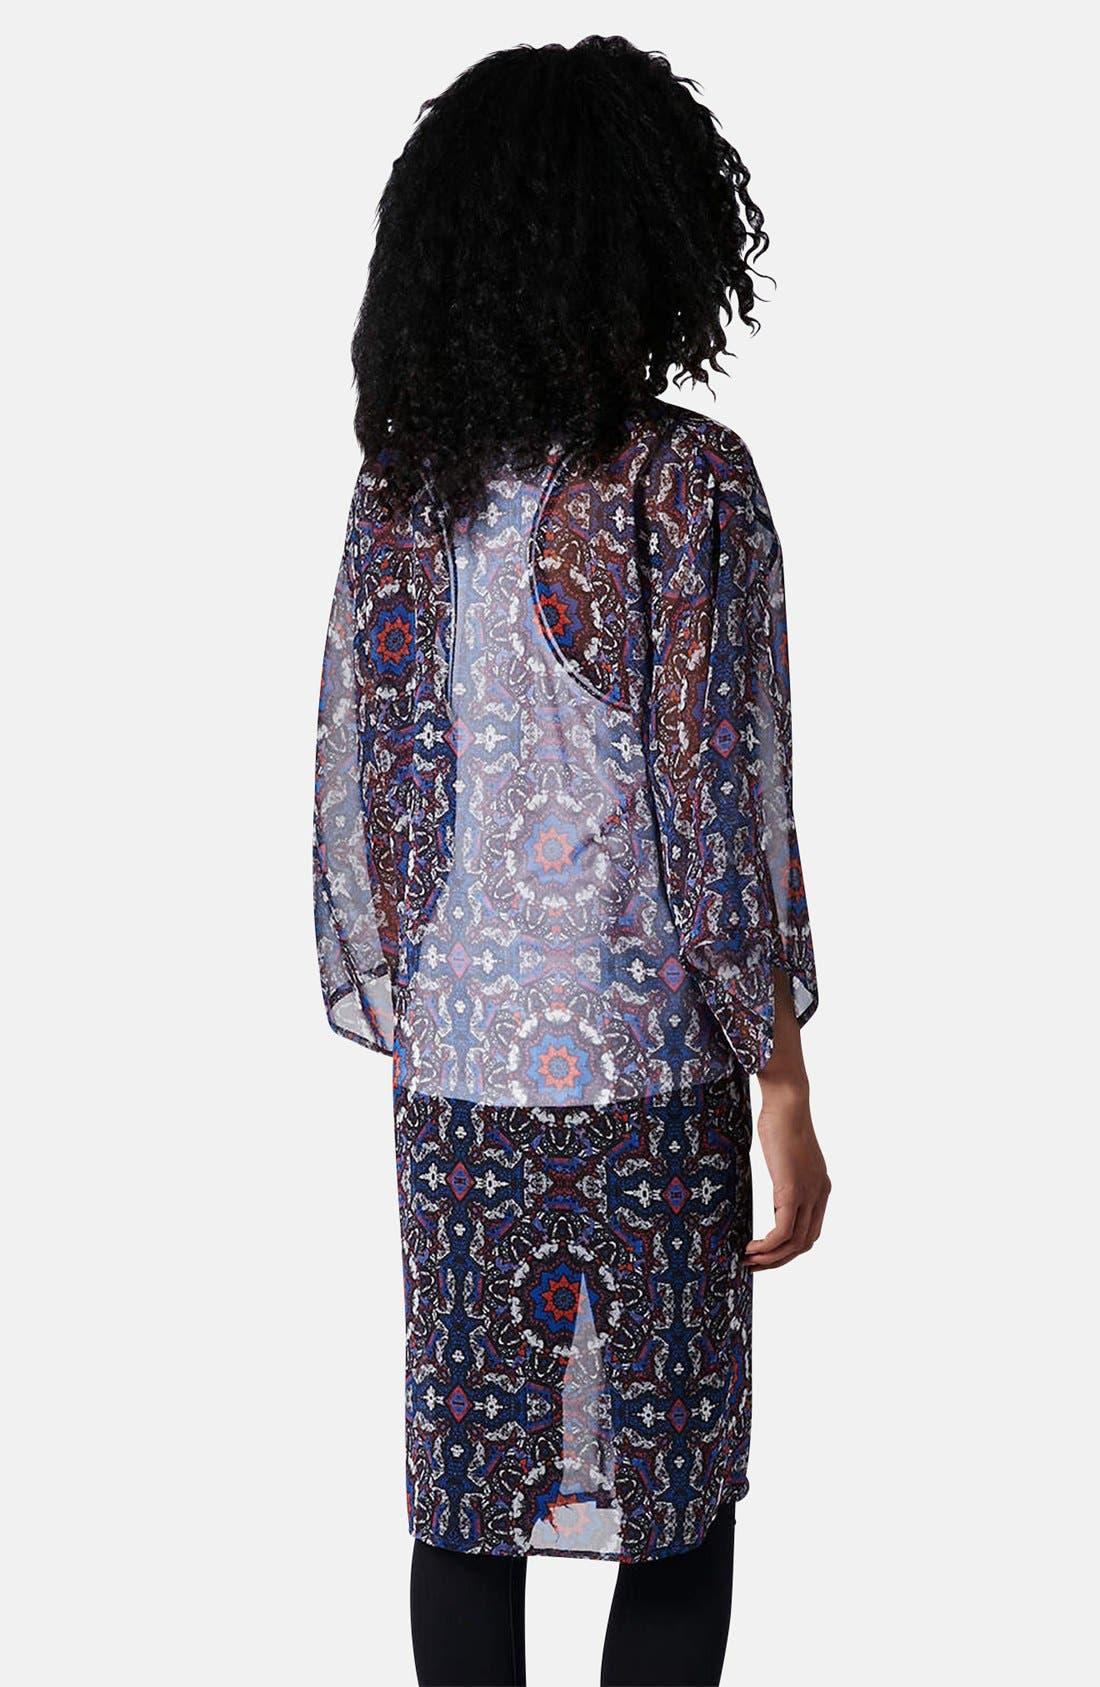 Kaleidoscope Print Kimono,                             Alternate thumbnail 2, color,                             Blue Multi